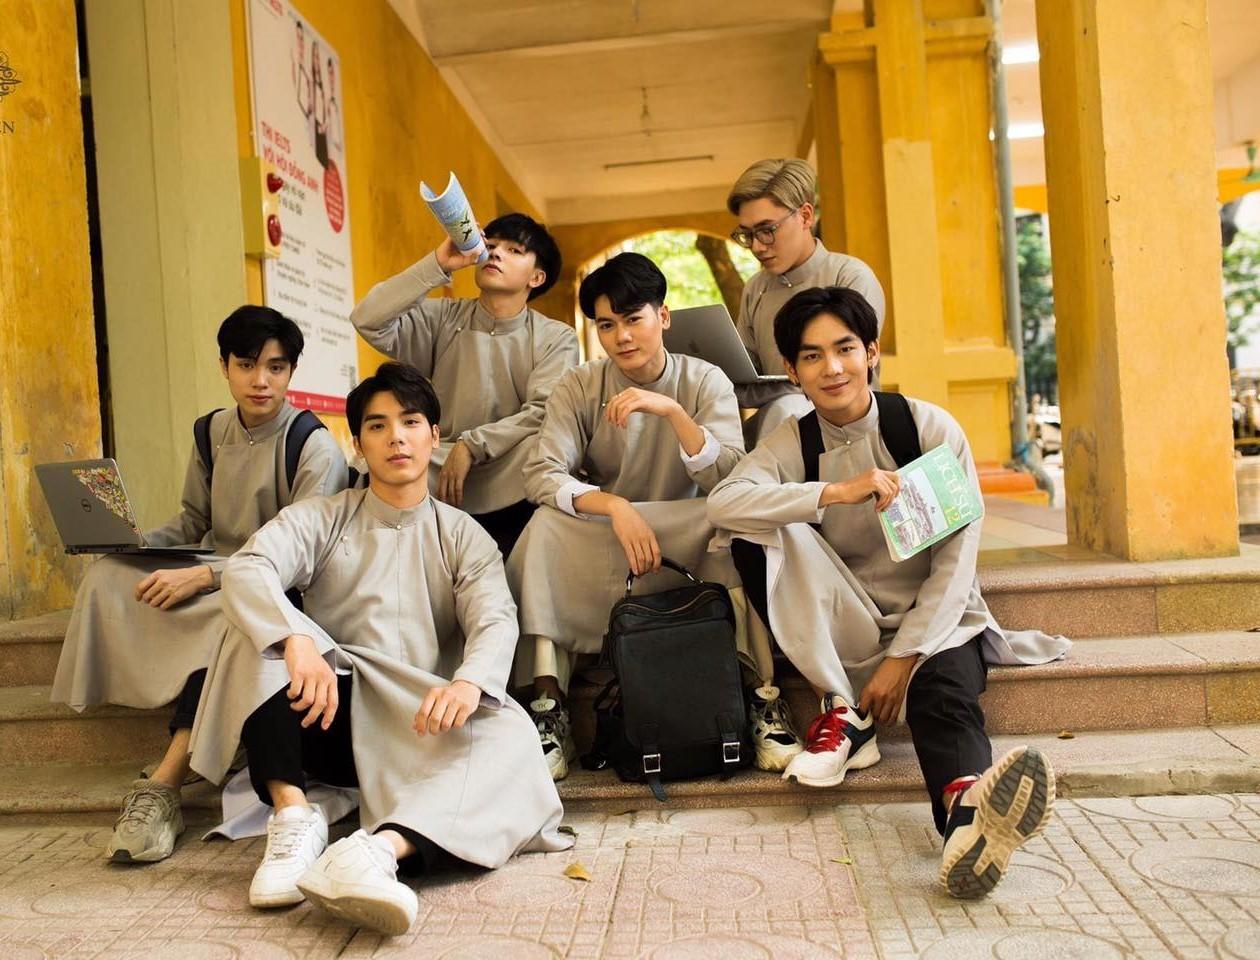 Dàn trai đẹp trường THPT Phan Đình Phùng mặc áo dài gây 'bão' mạng xã hội